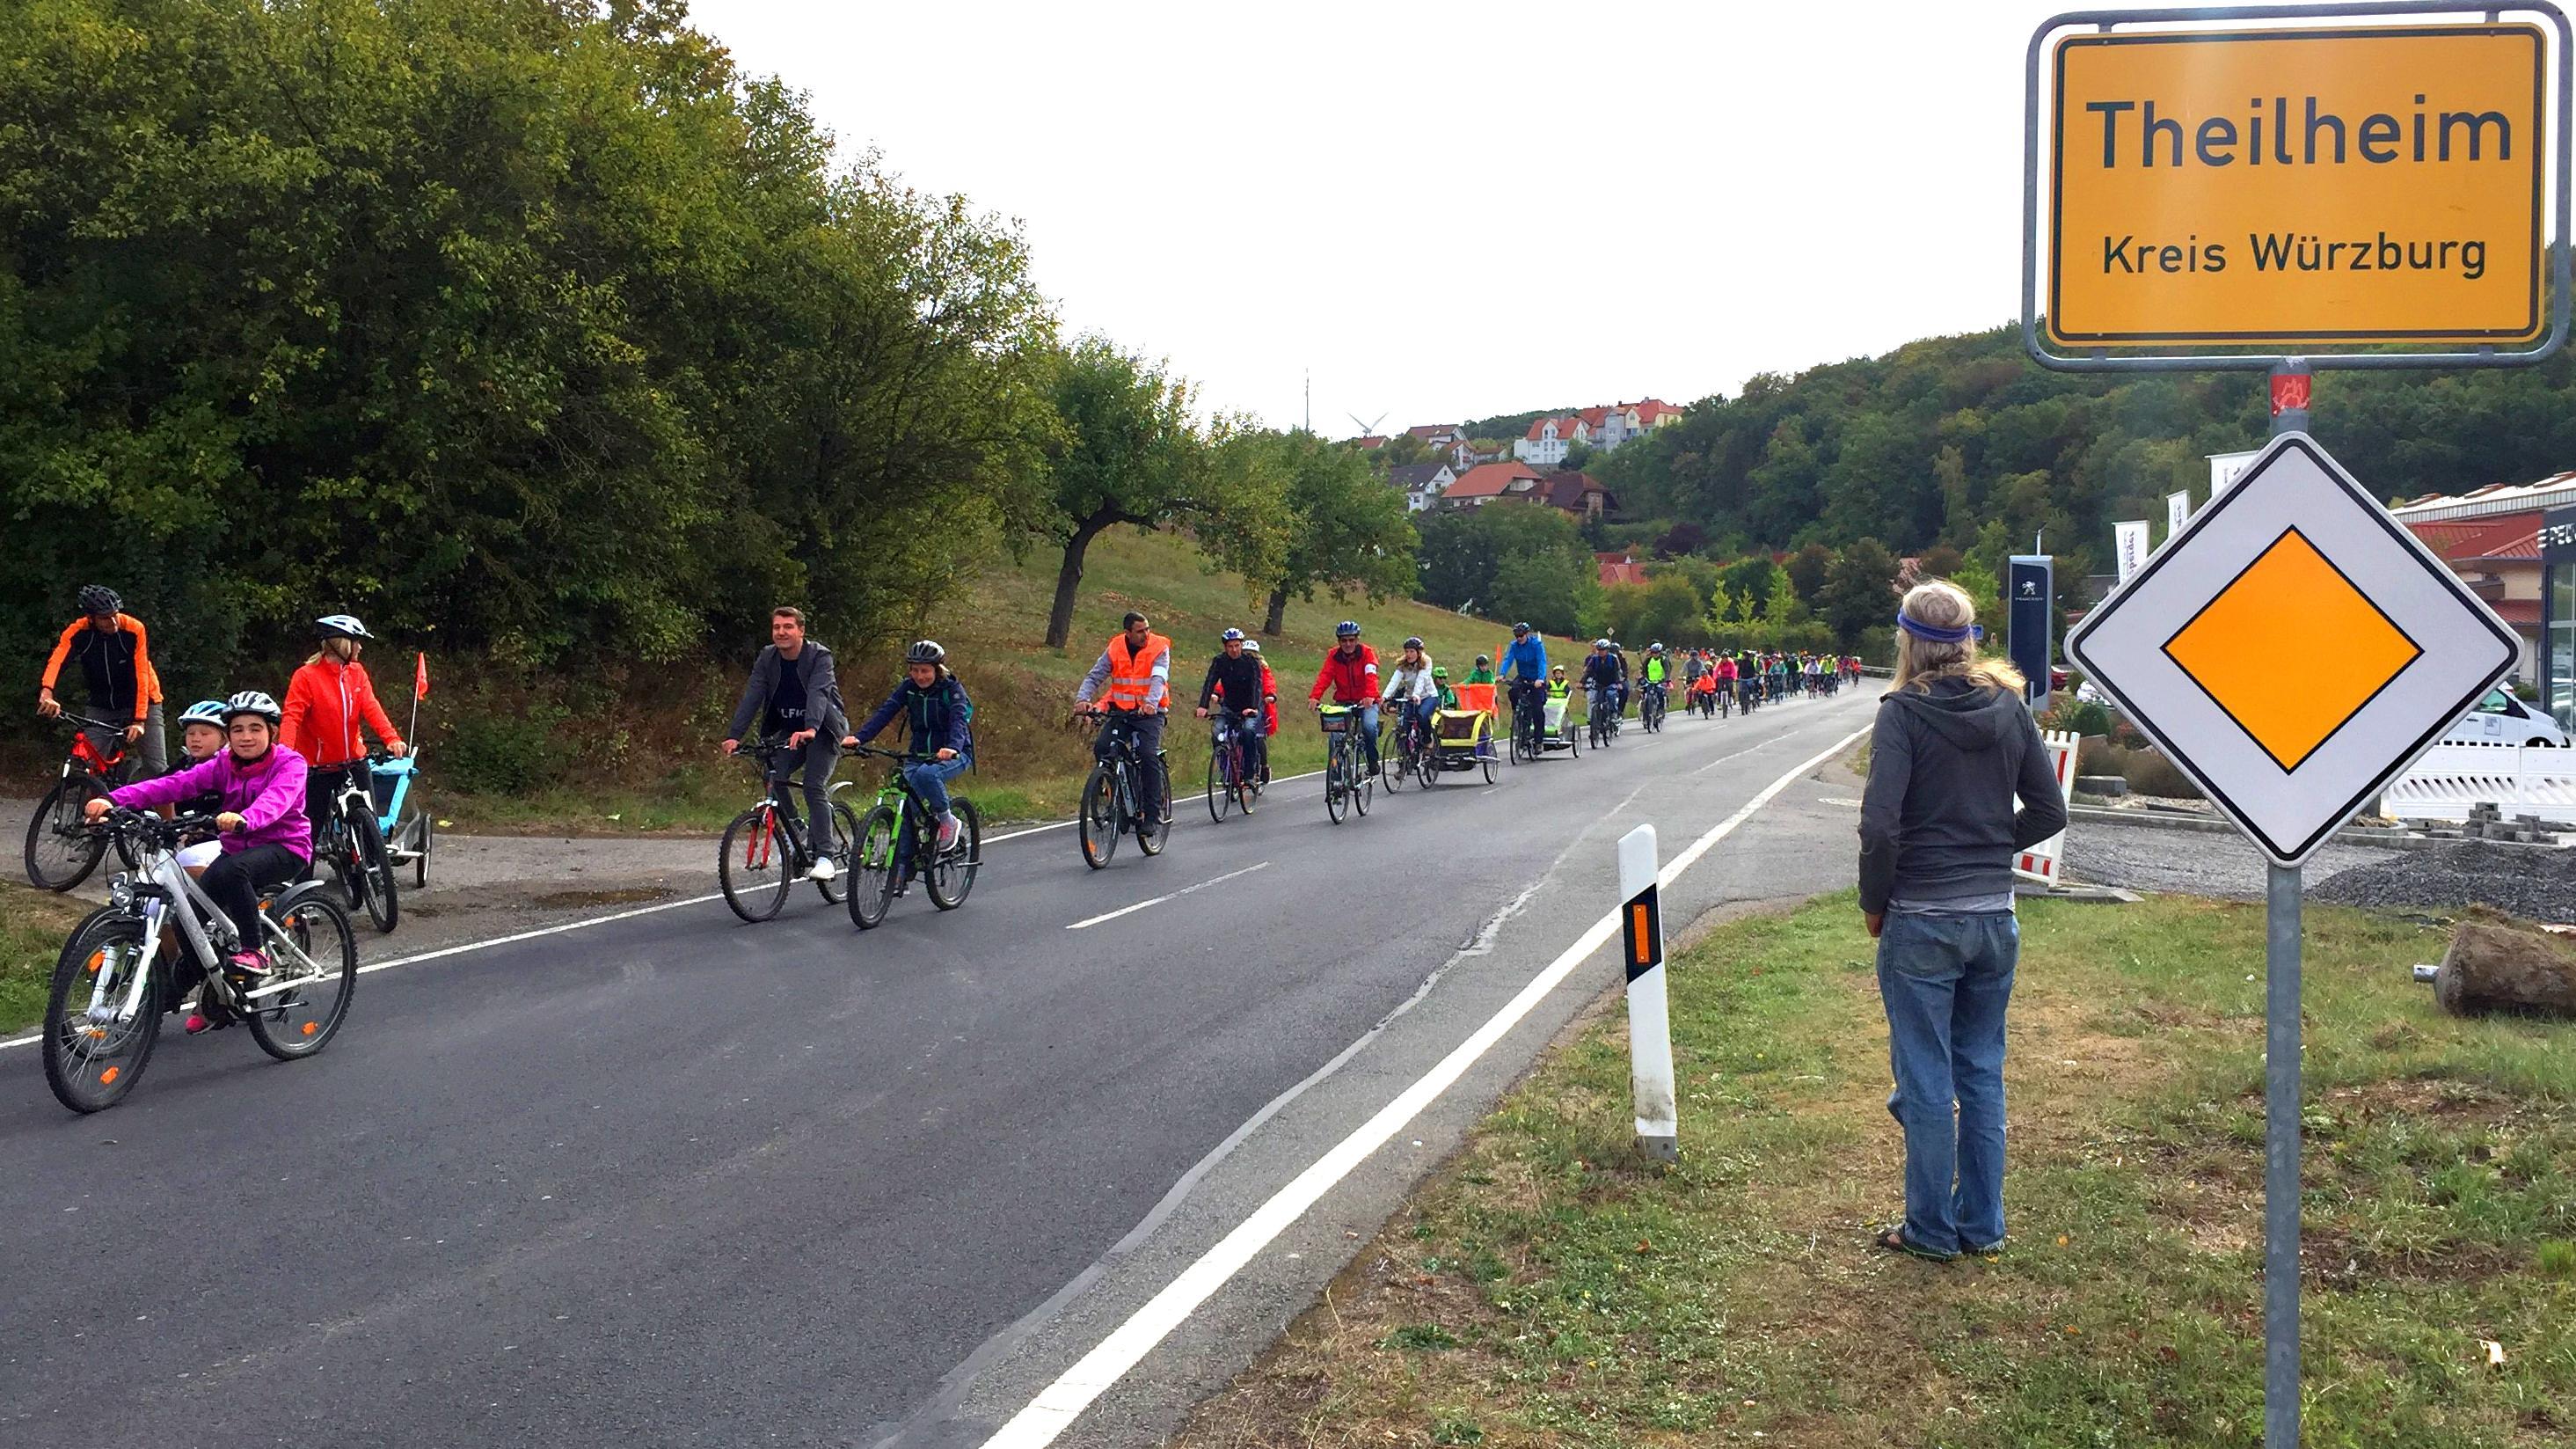 Fahrrad-Demo in Theilheim